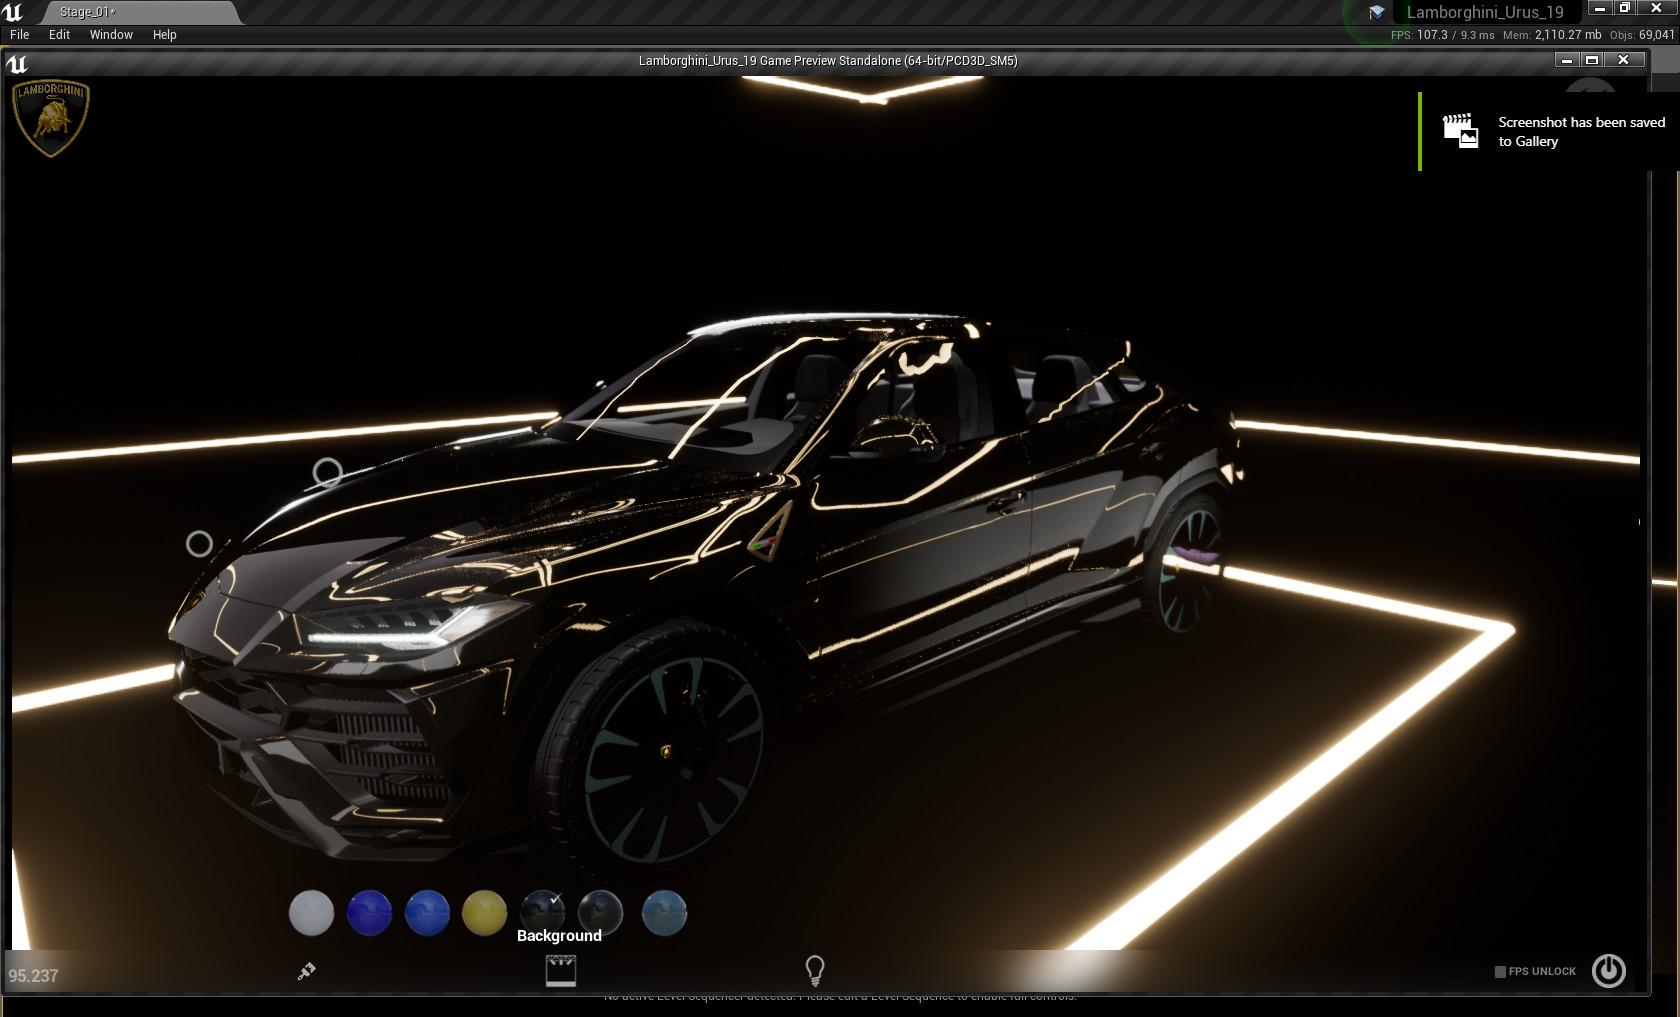 ArtStation - Unreal Engine - Lamborghini Urus 2019 Configurator(WIP